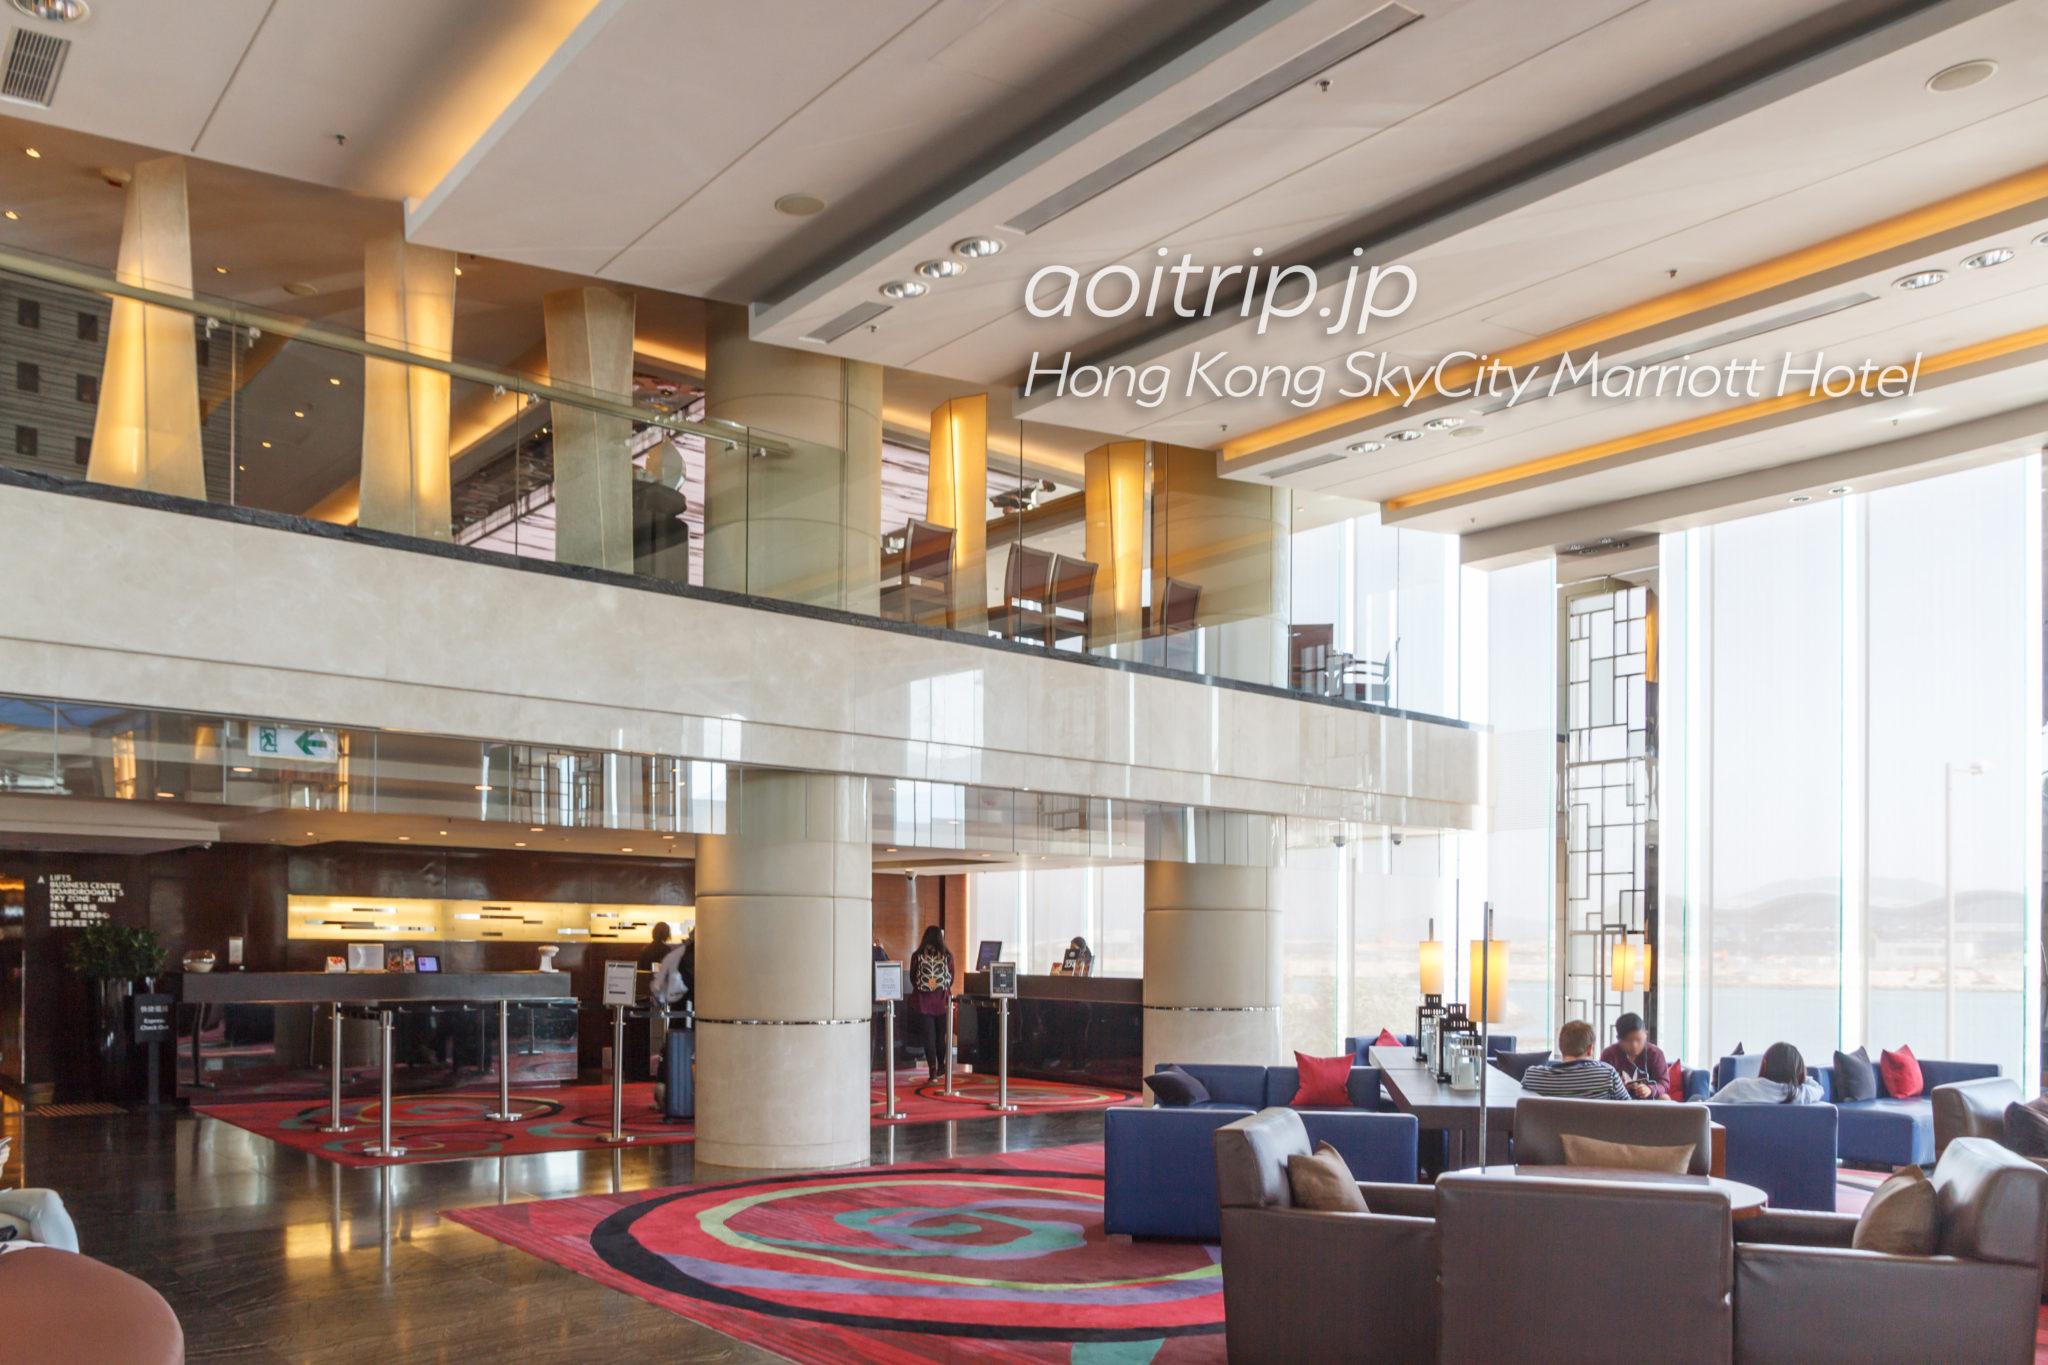 香港スカイシティマリオットホテルのロビー